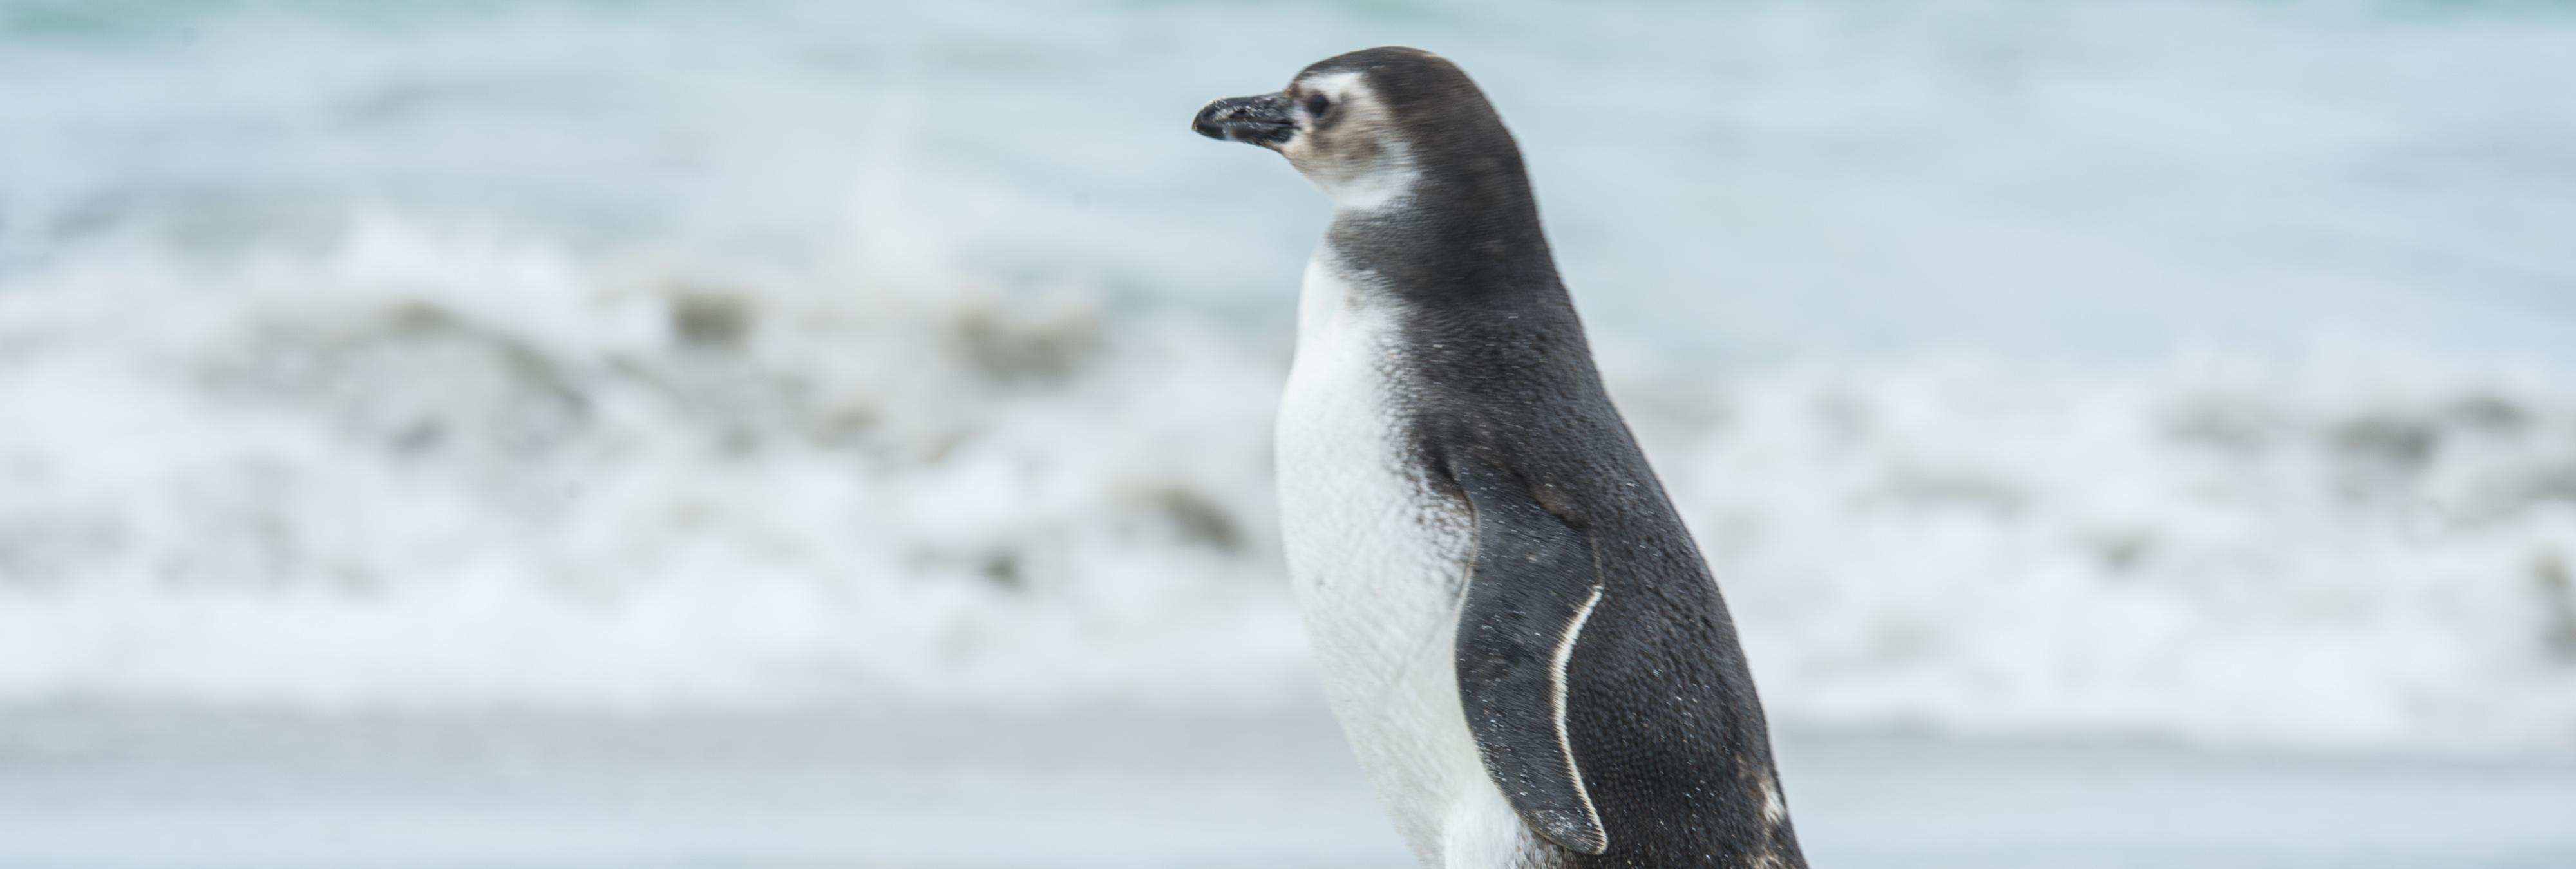 Dindim, el pingüino que viaja cada año 6.000 km para reencontrarse con su salvador